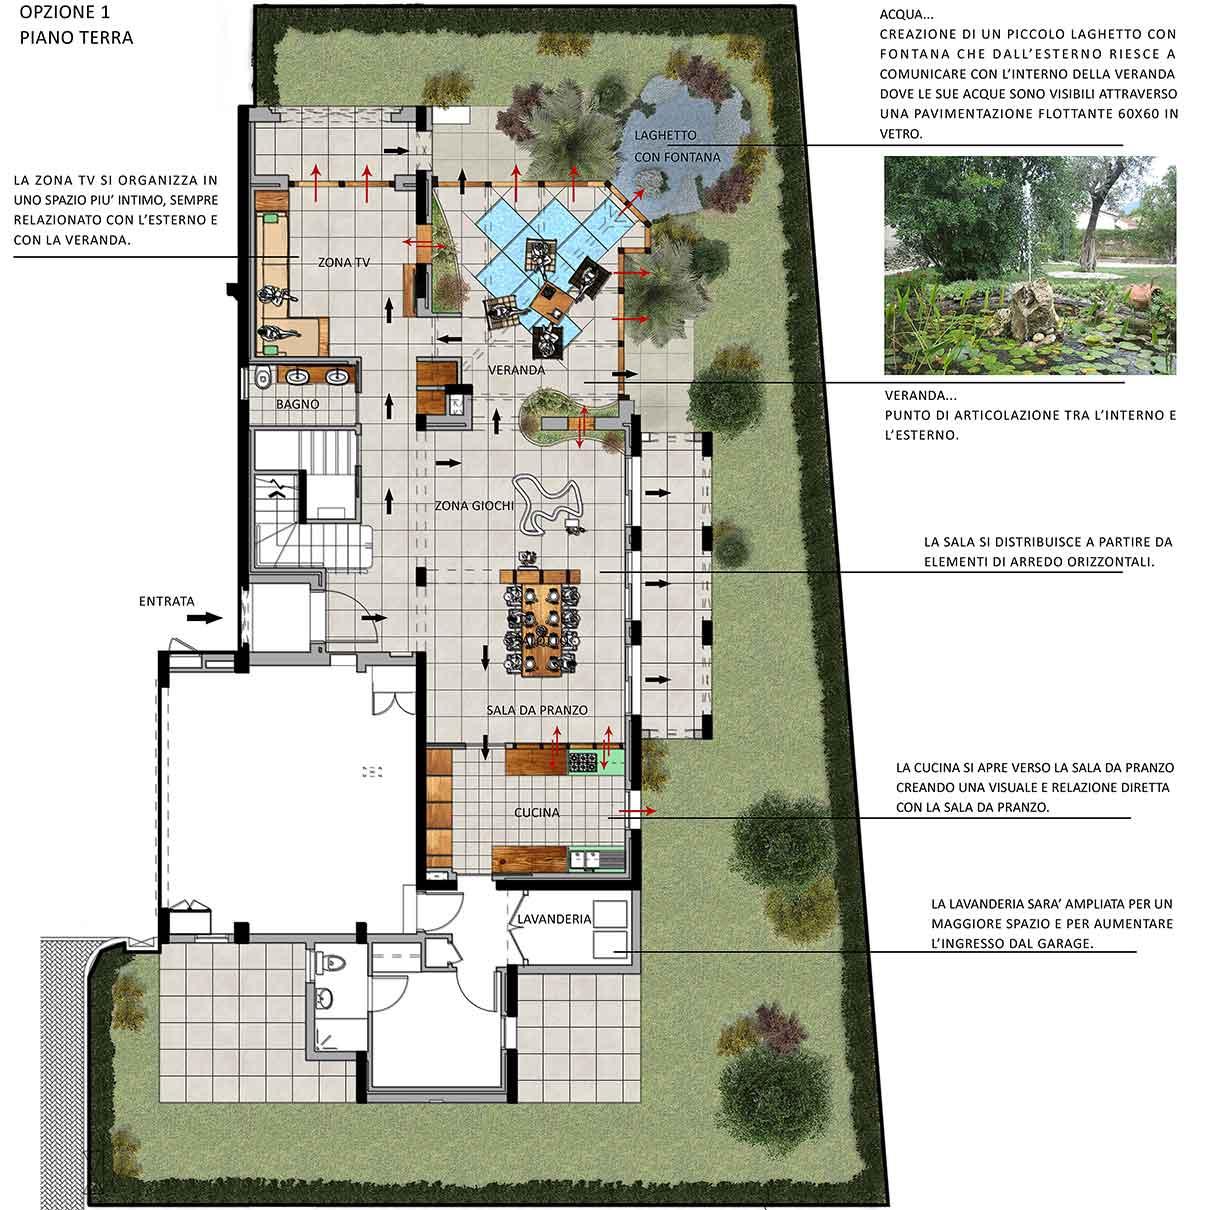 Progettazione villa a dubai gg progetti for Progettazione spazi interni